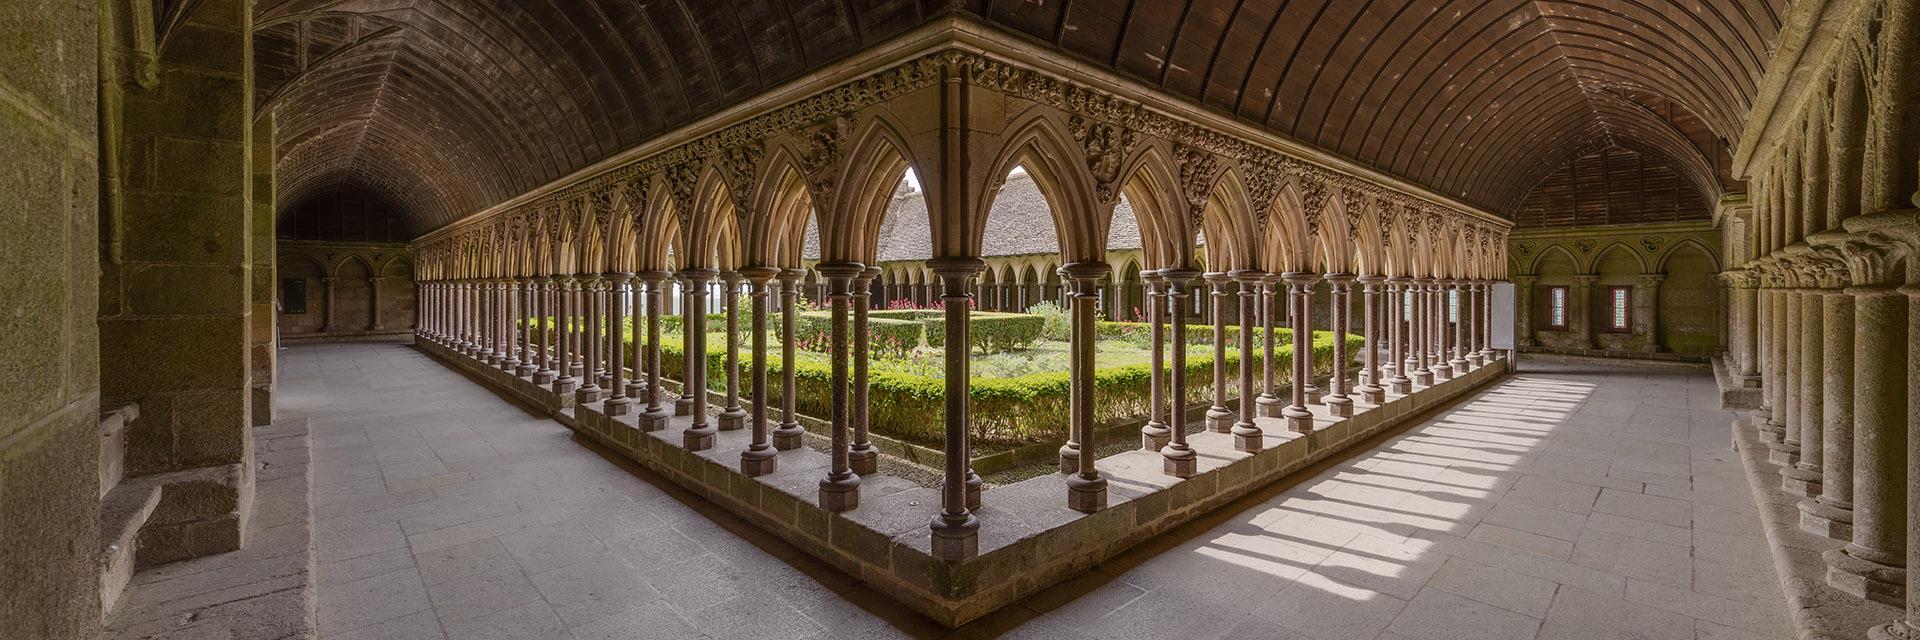 Le Cloître de l'Abbaye du Mont Saint-Michel